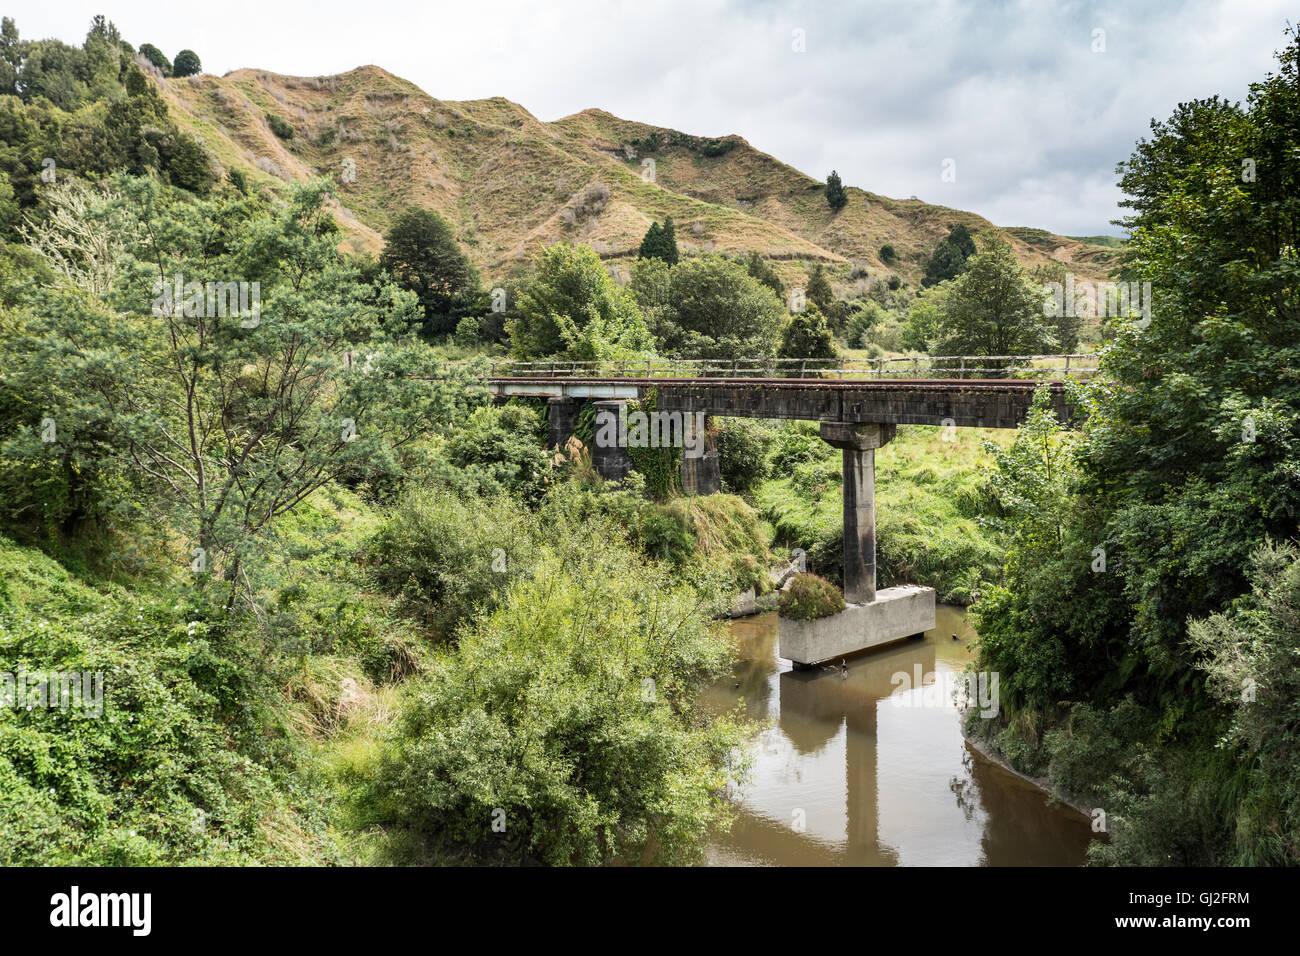 Railroad bridge spanning the Whangamomona River at Whangamomona New Zealand North Island. - Stock Image